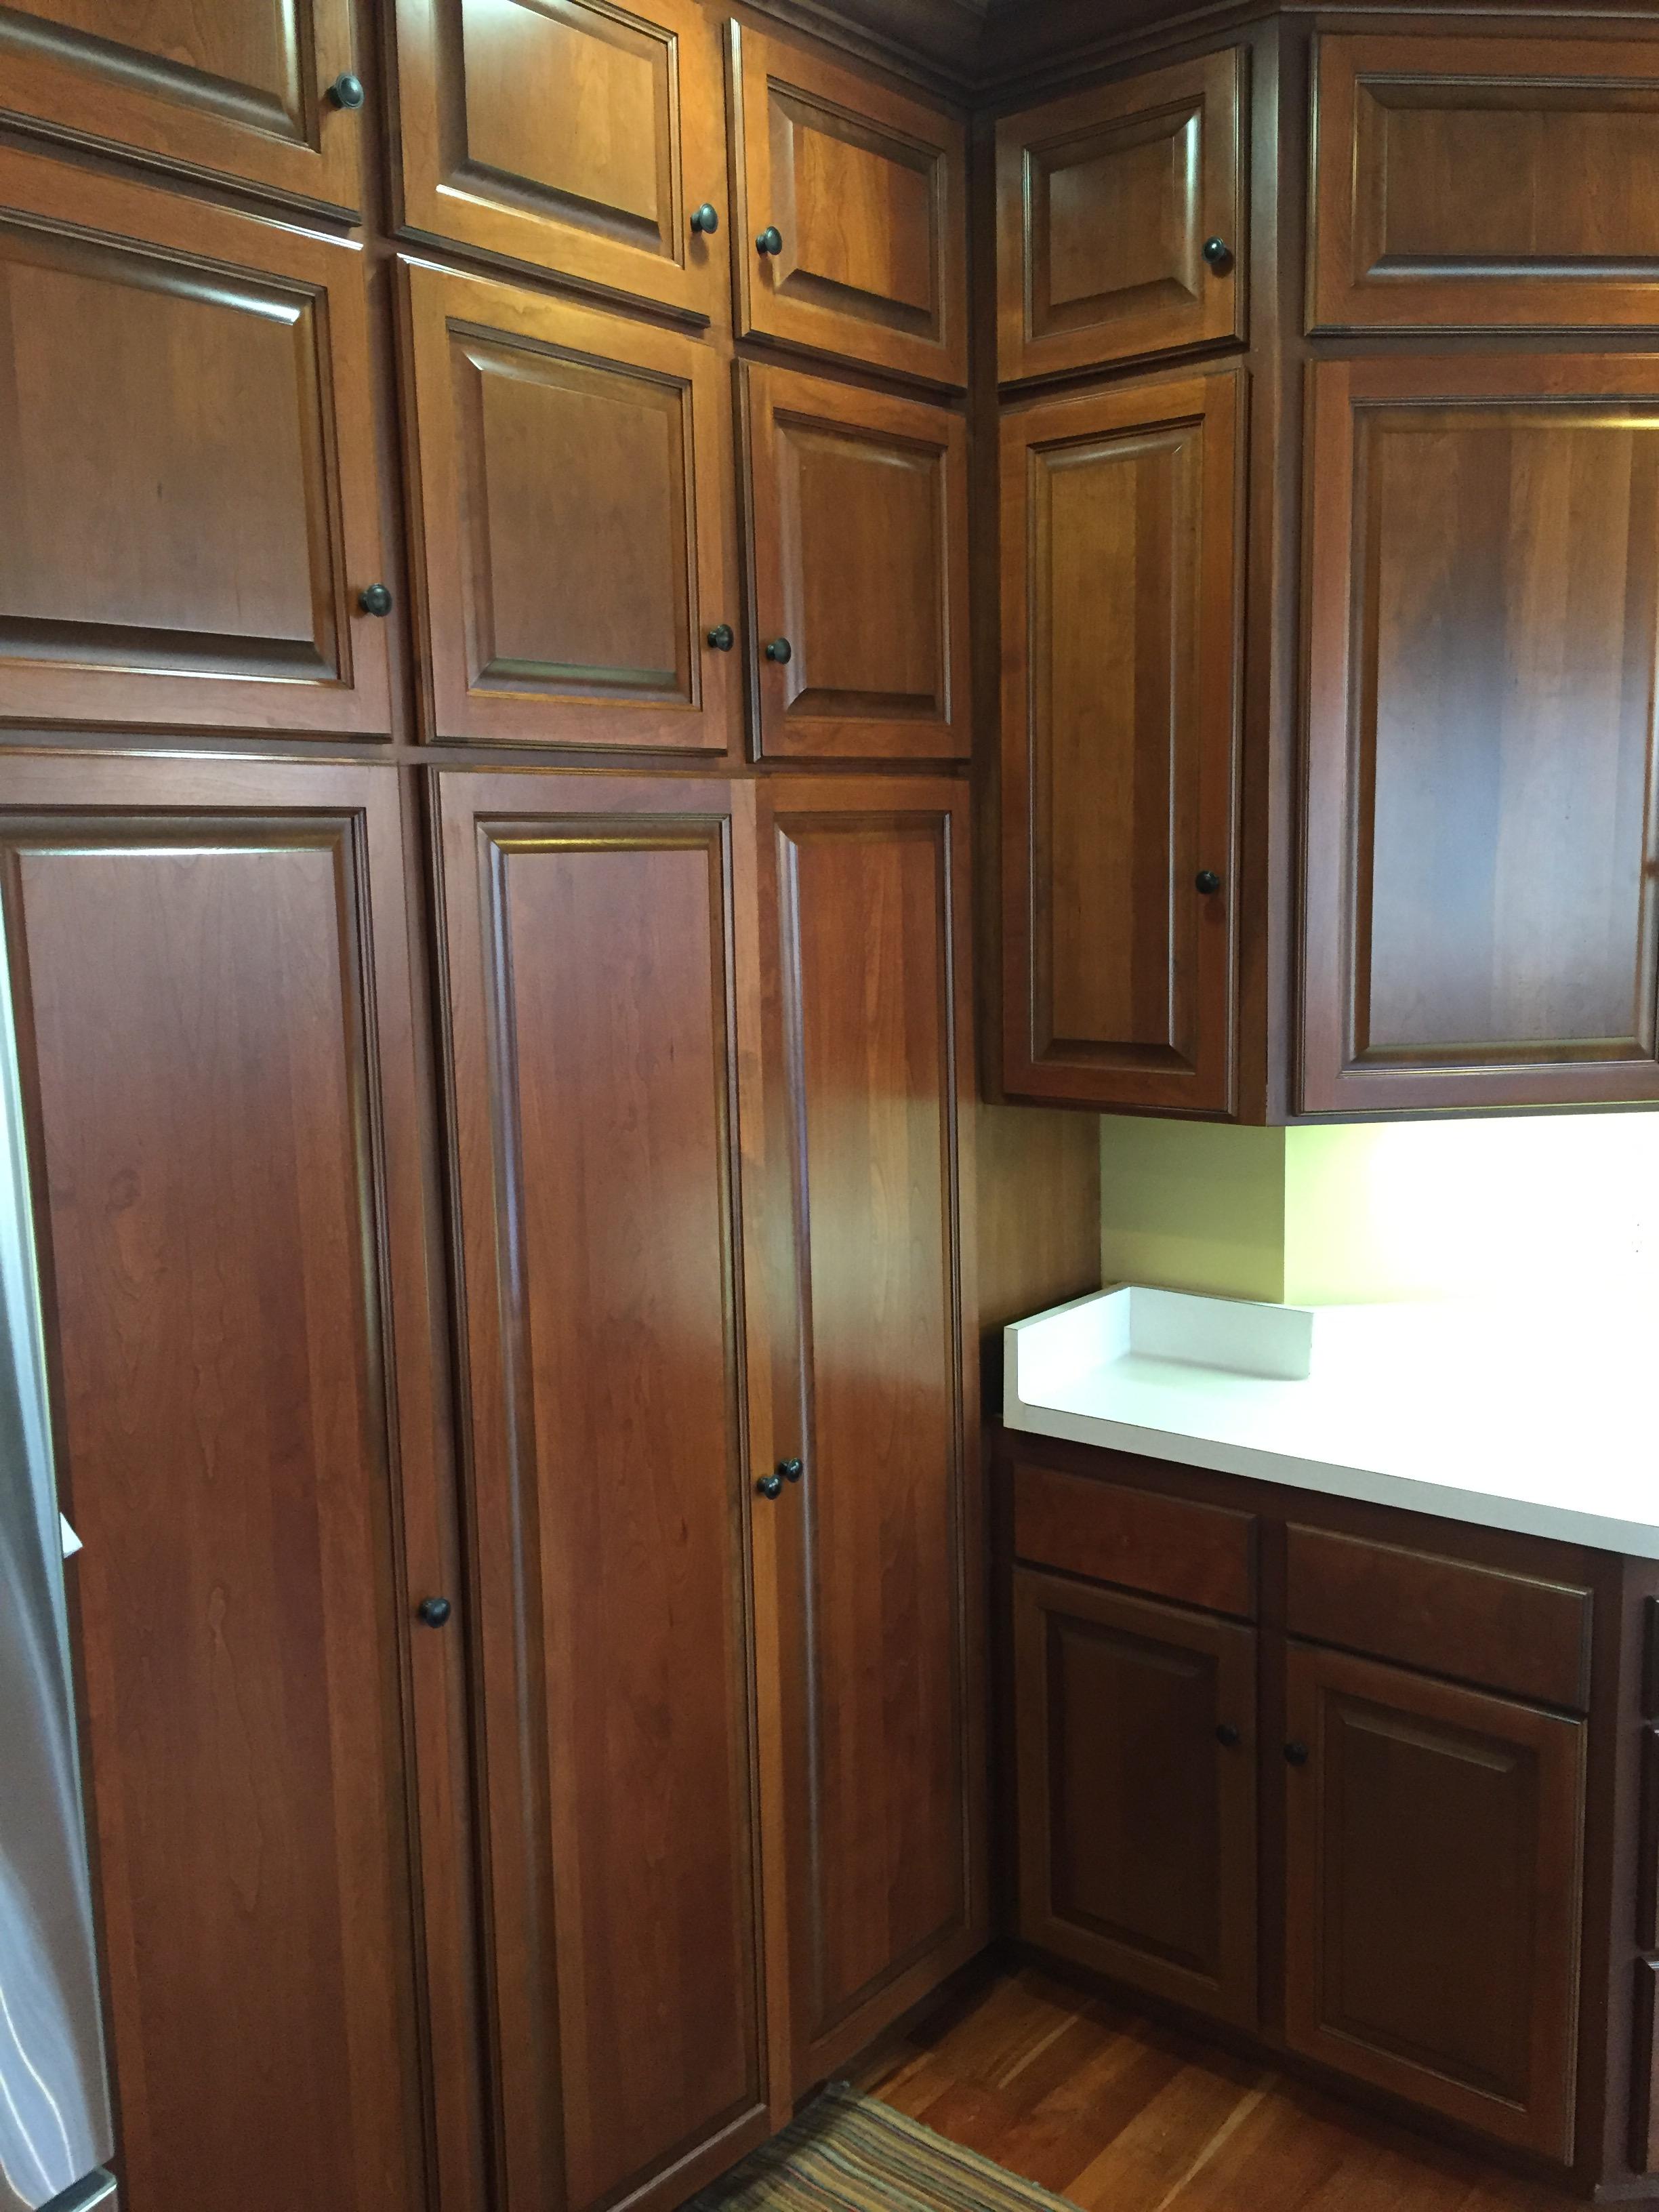 Kitchen Cabinets - Pakala Painting